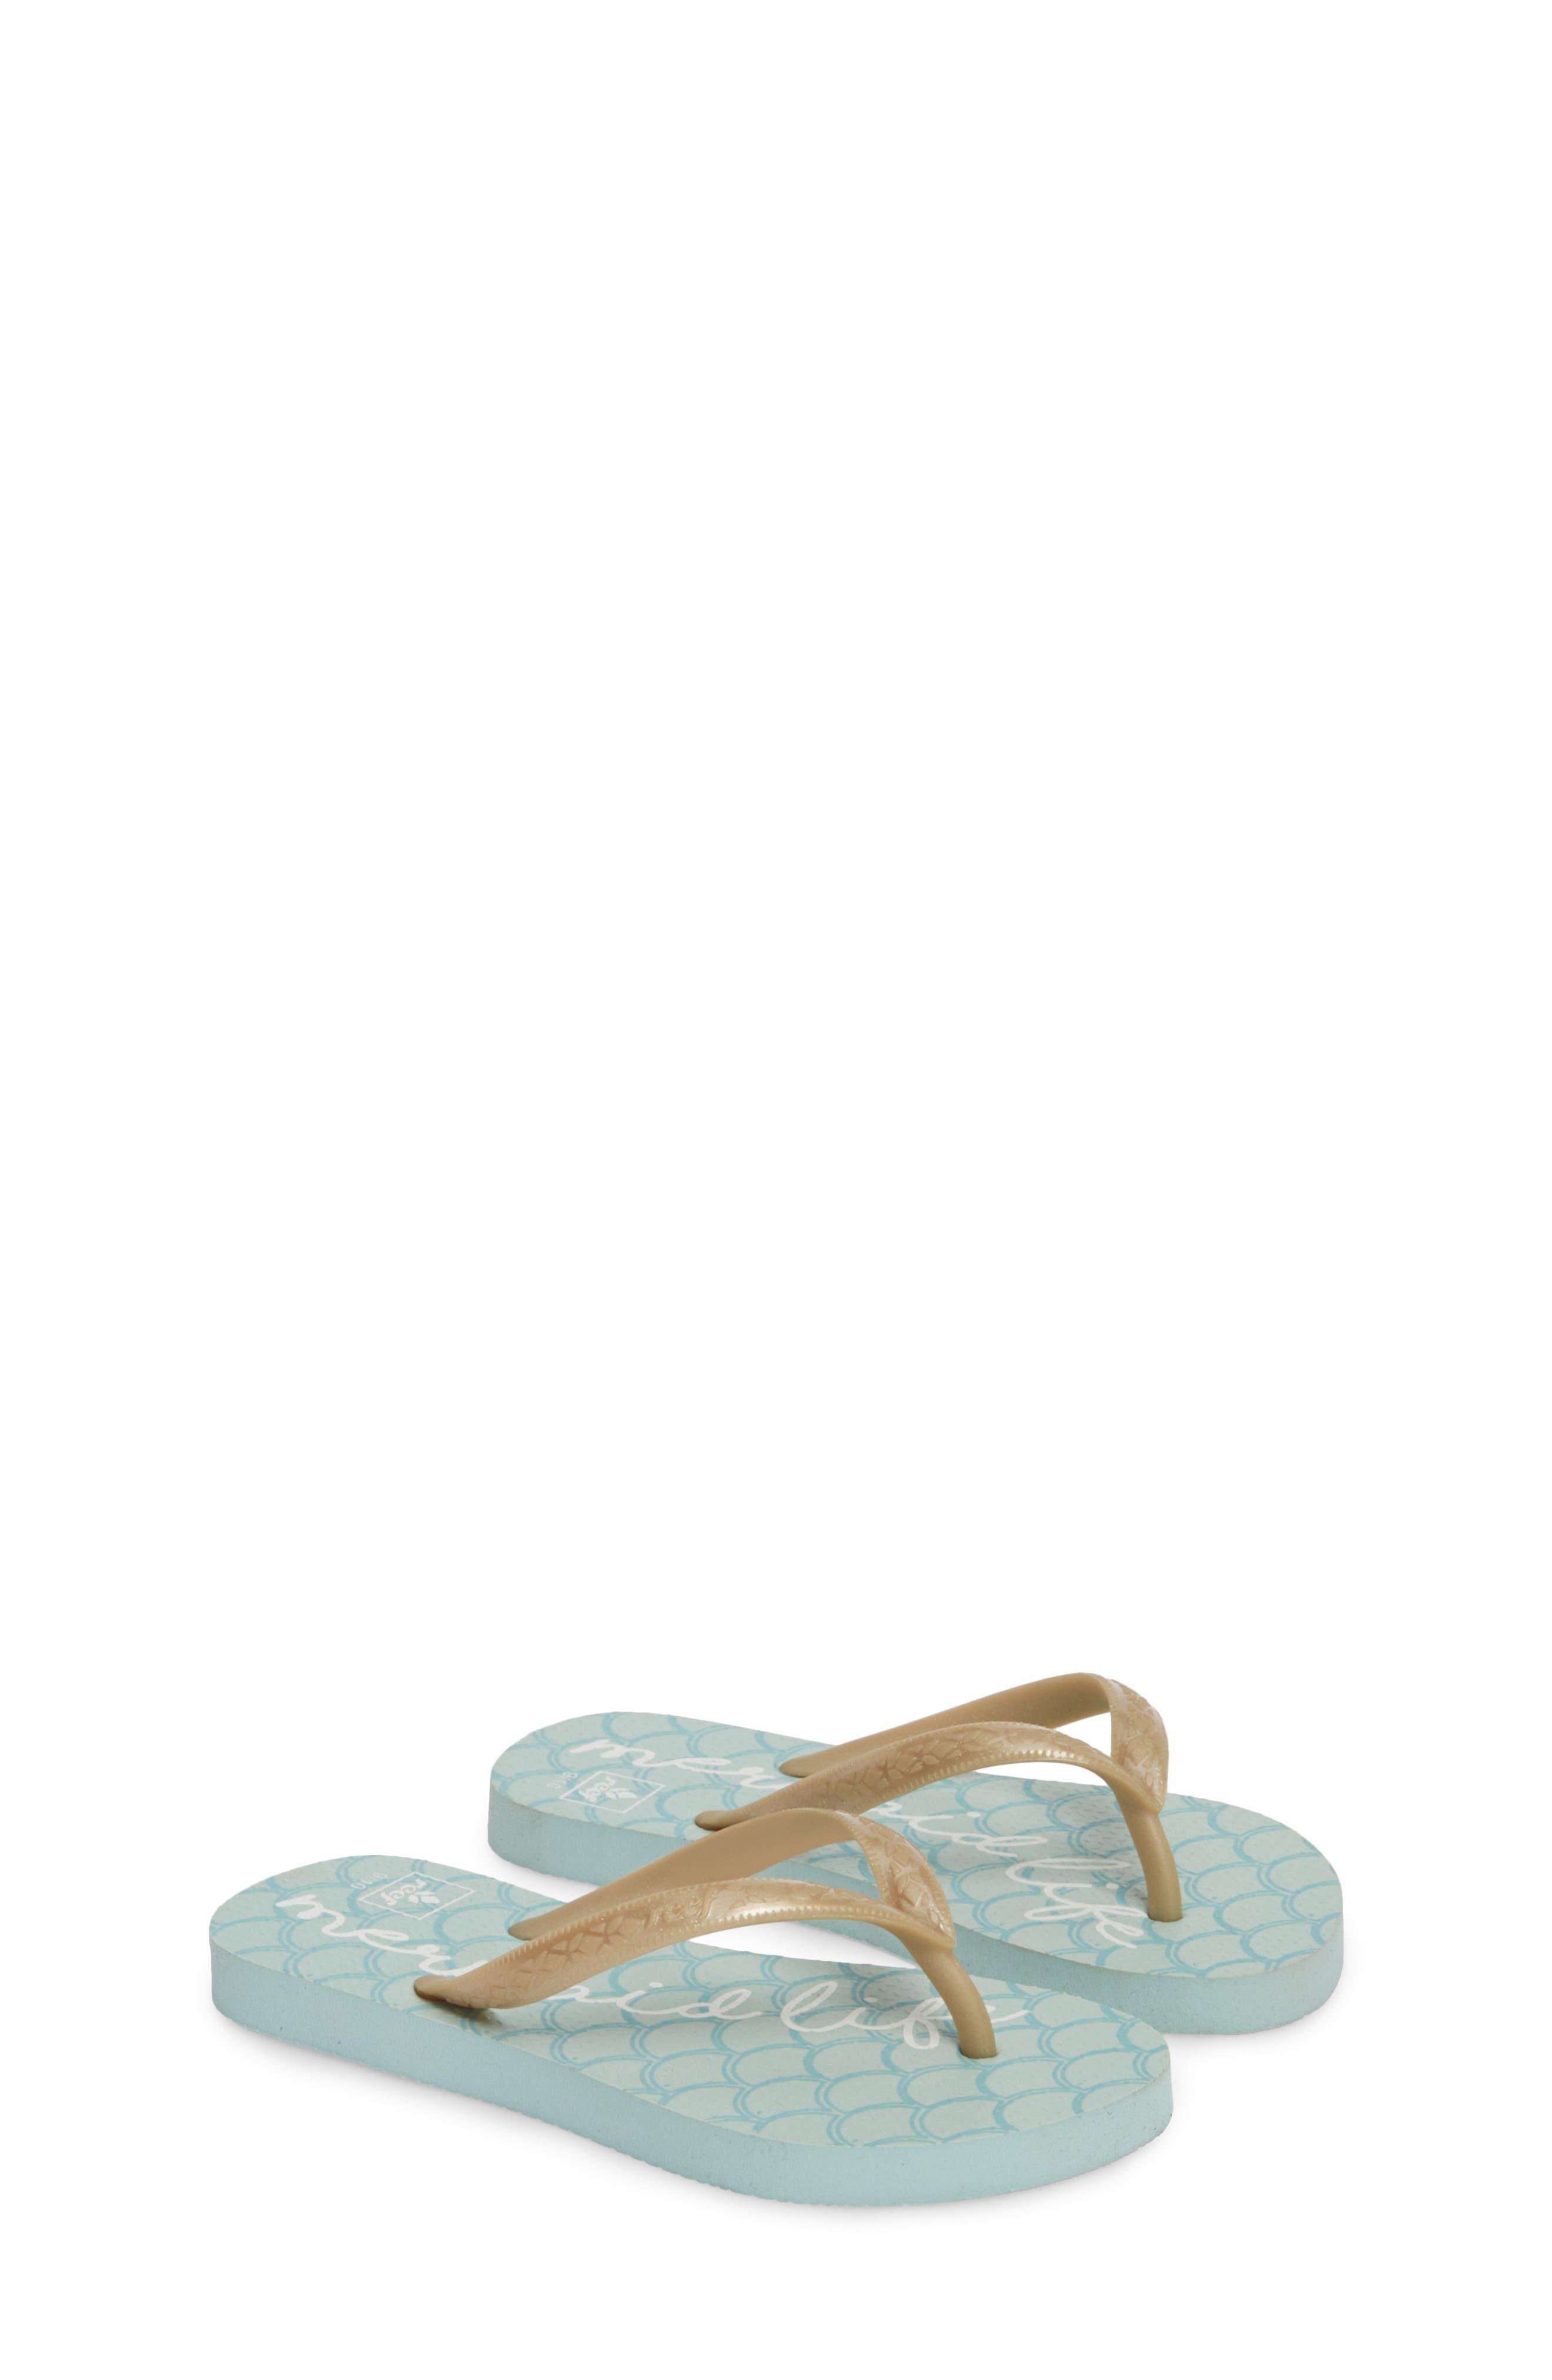 Little Reef Escape Flip Flops,                             Alternate thumbnail 2, color,                             Blue